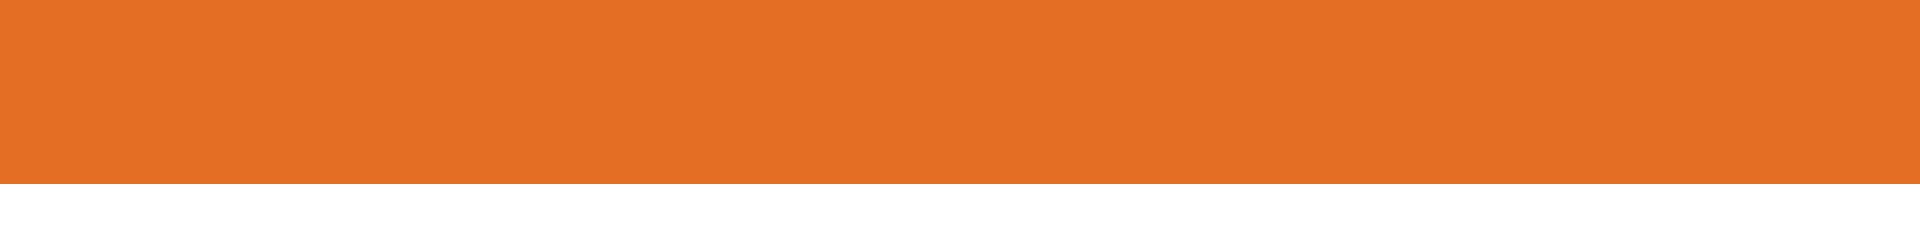 orange concave